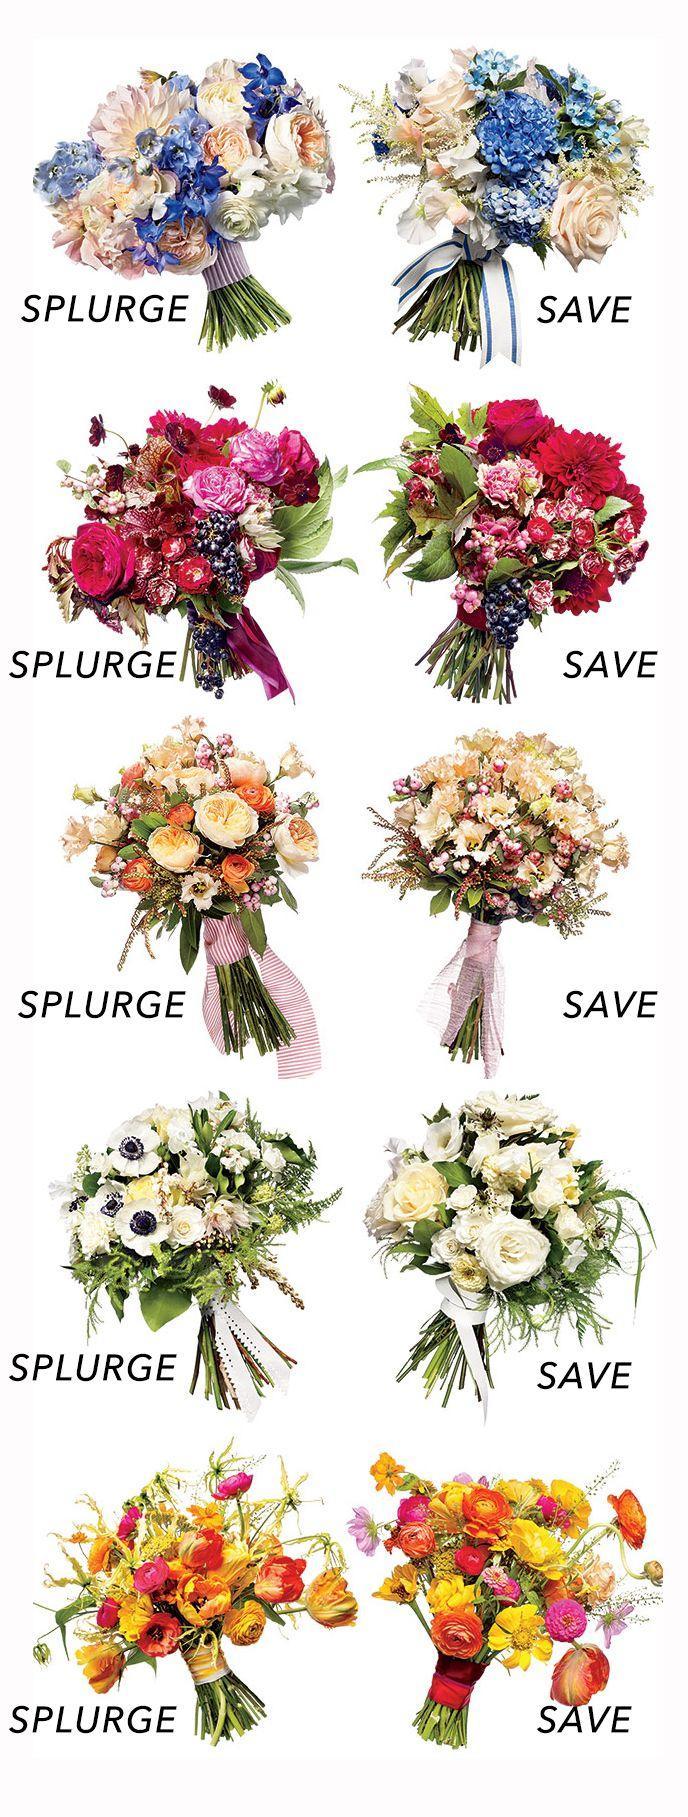 Hochzeit - Save Vs. Splurge Wedding Bouquets